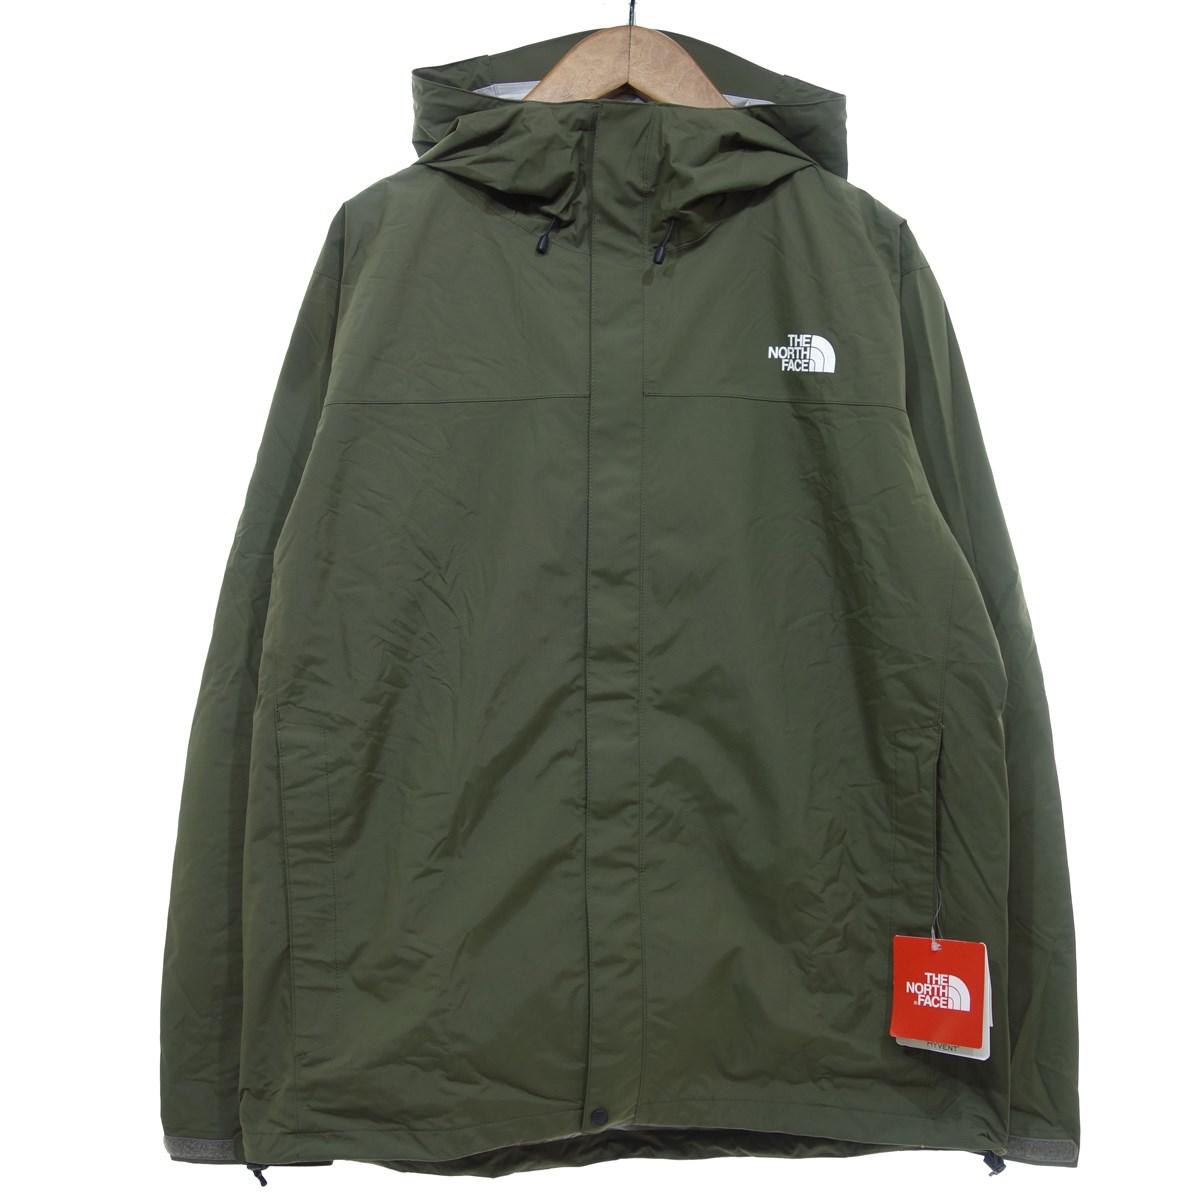 【中古】THE NORTH FACE HYVENT RAINTEX ジャケット カーキ×ブラック サイズ:XL 【250220】(ザノースフェイス)